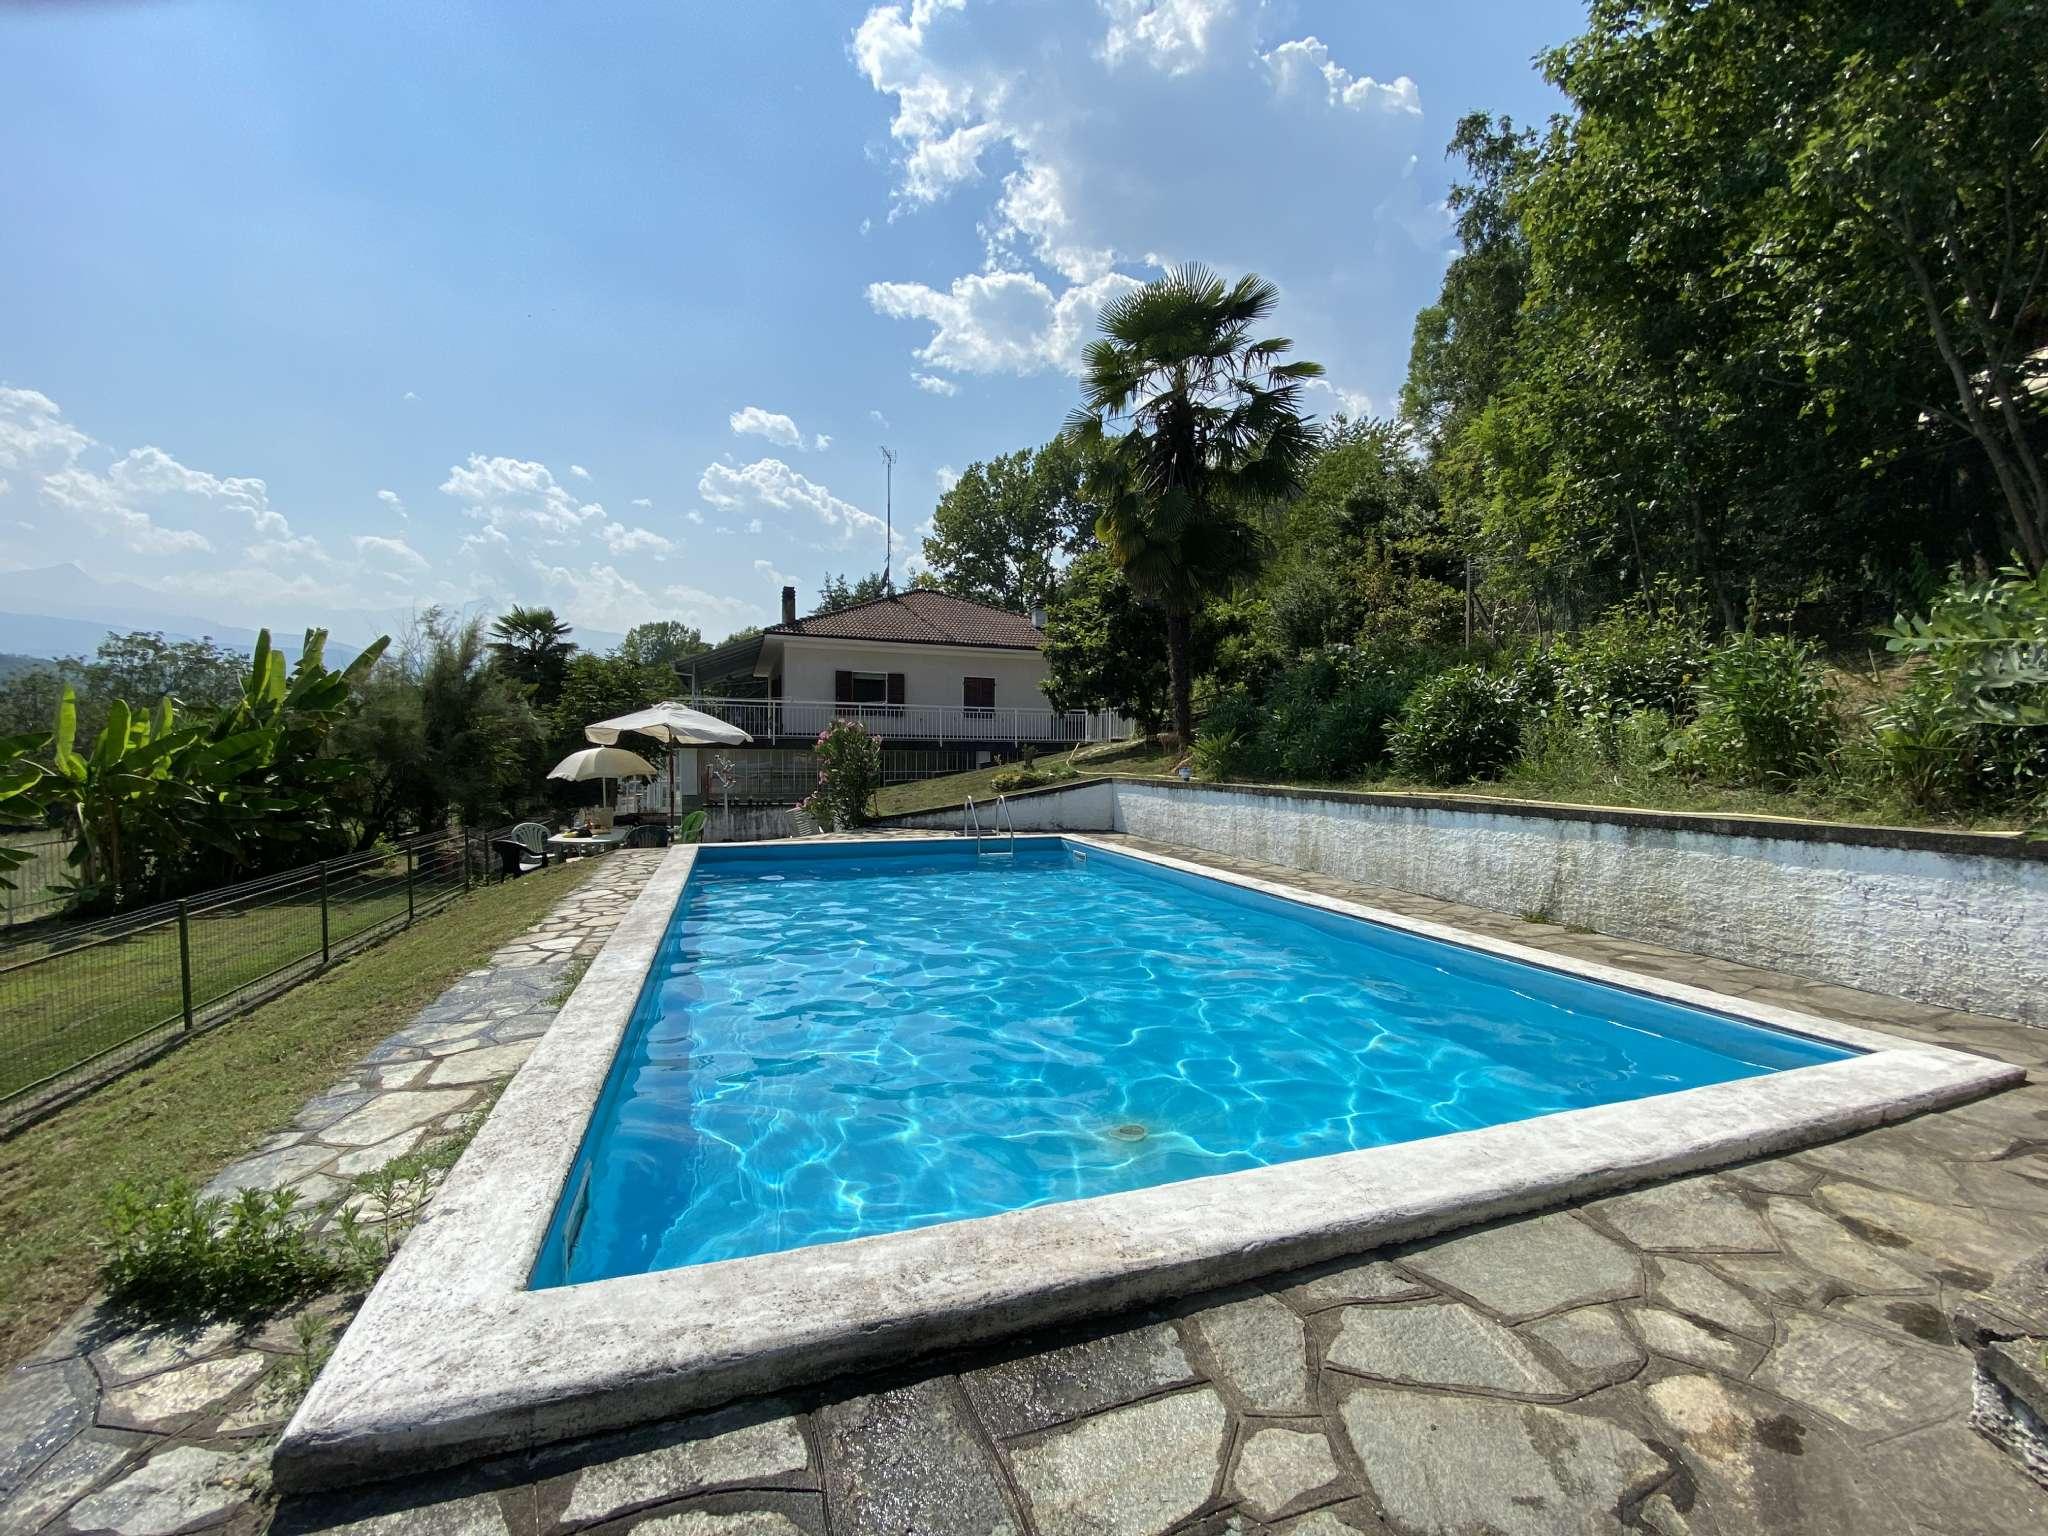 Villa in vendita a Bricherasio, 7 locali, prezzo € 265.000 | PortaleAgenzieImmobiliari.it